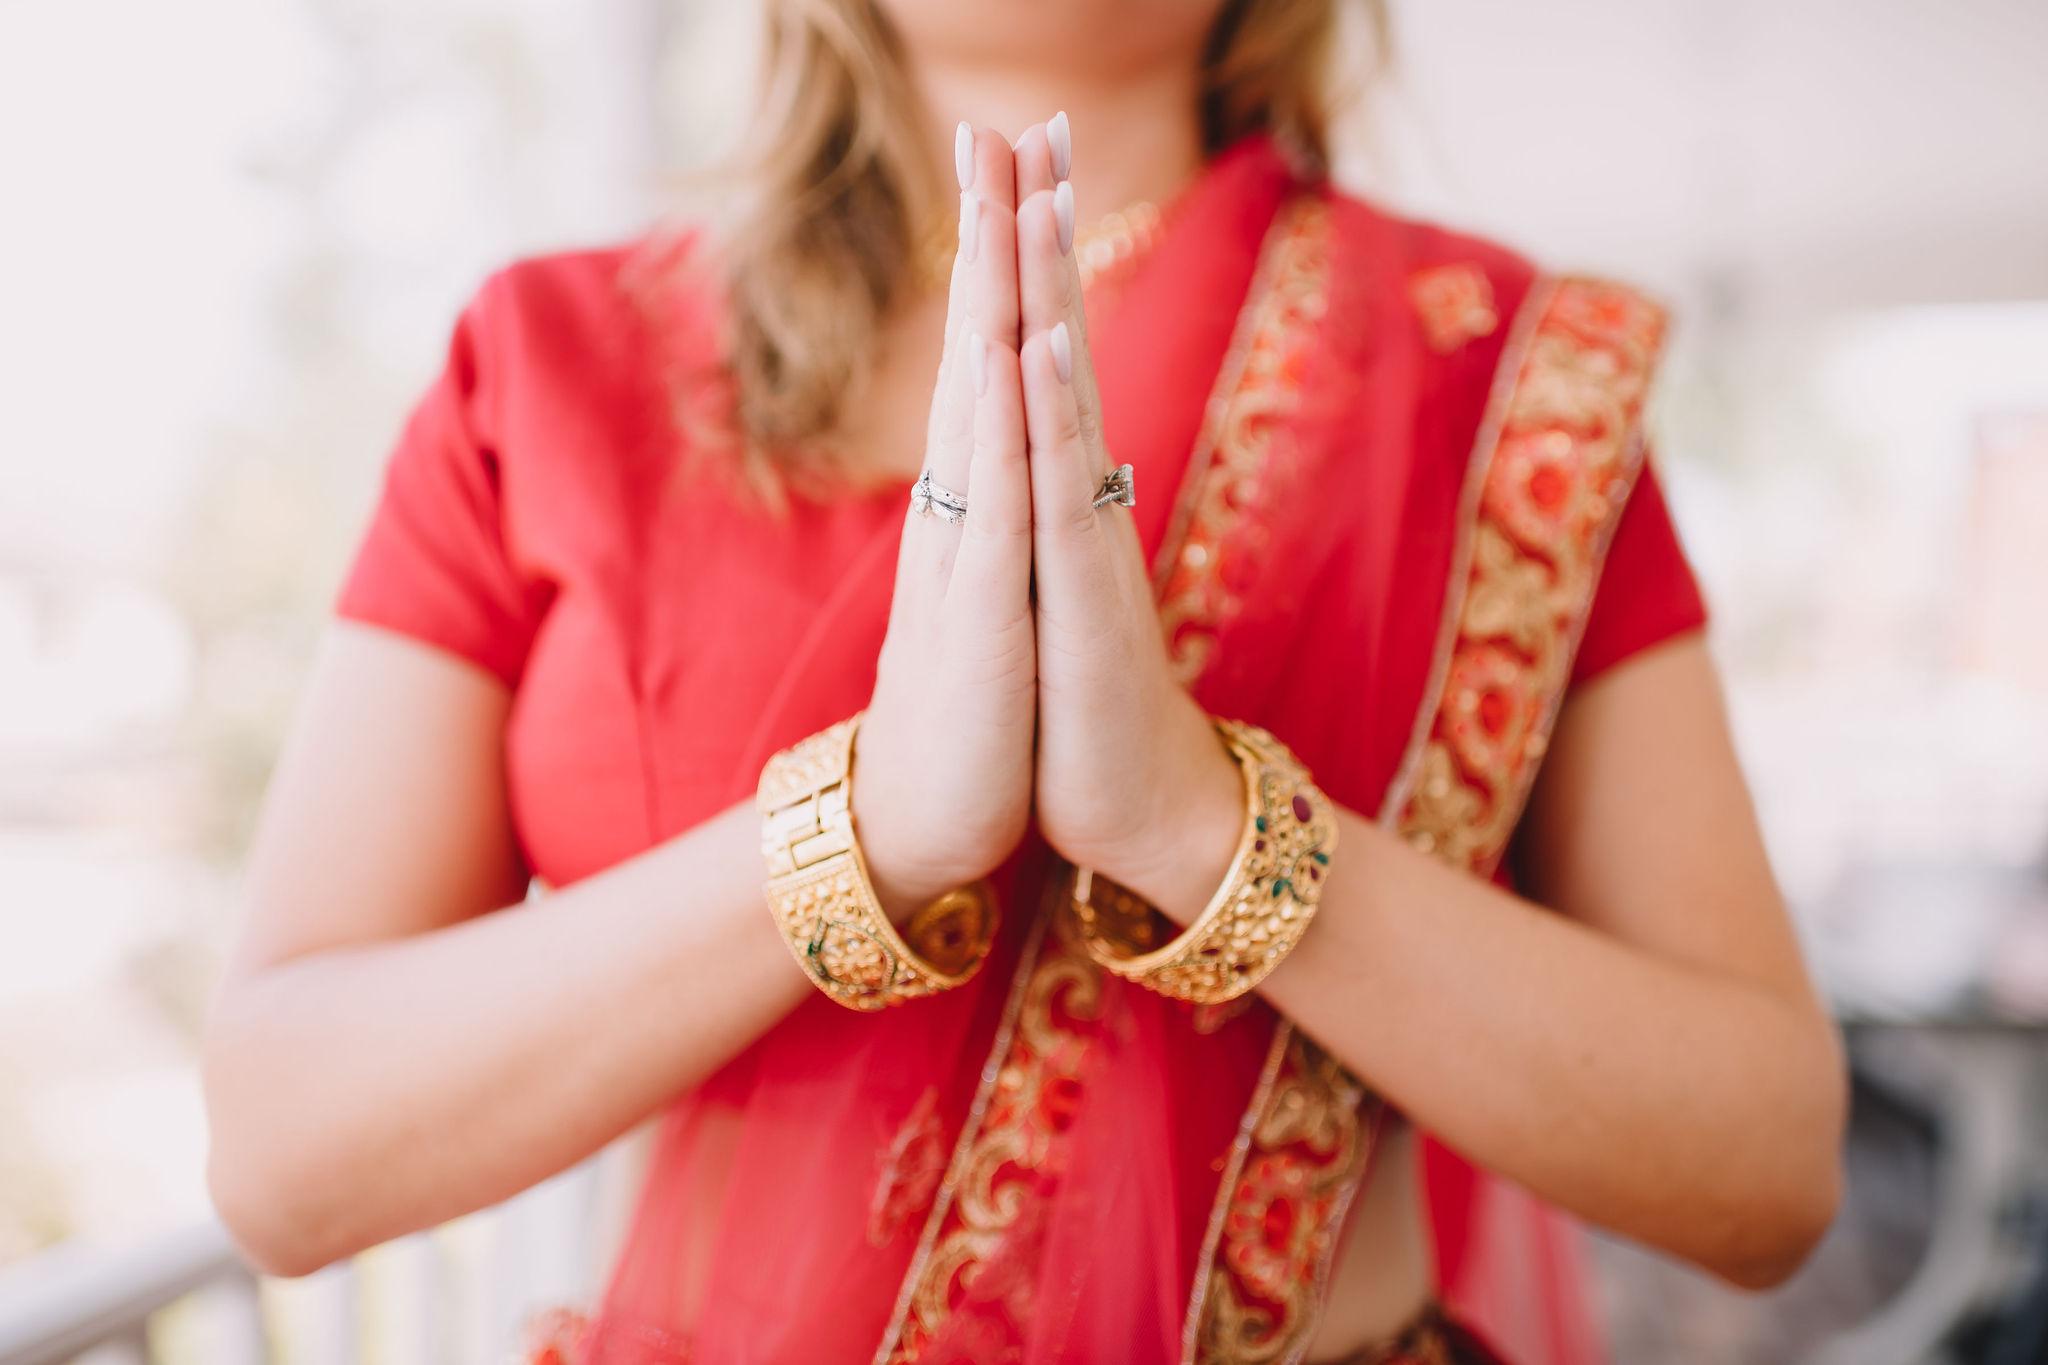 Detail of Rachel's hands in prayer pose.